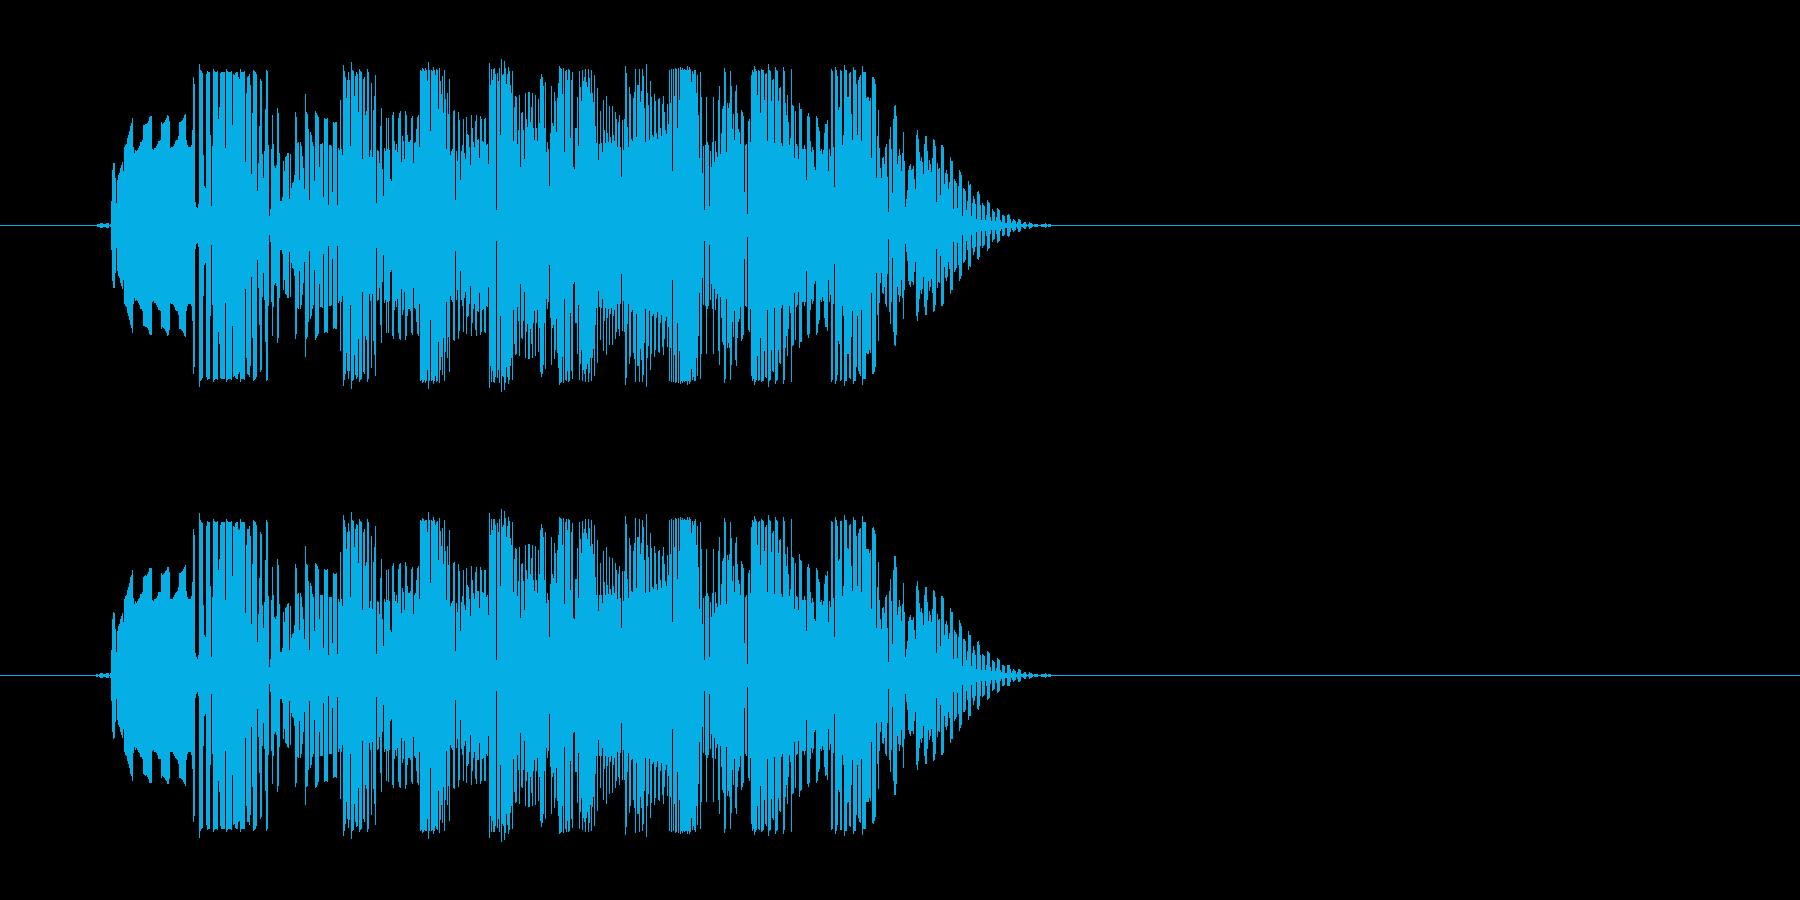 ユーモラスでかわいい効果音の再生済みの波形